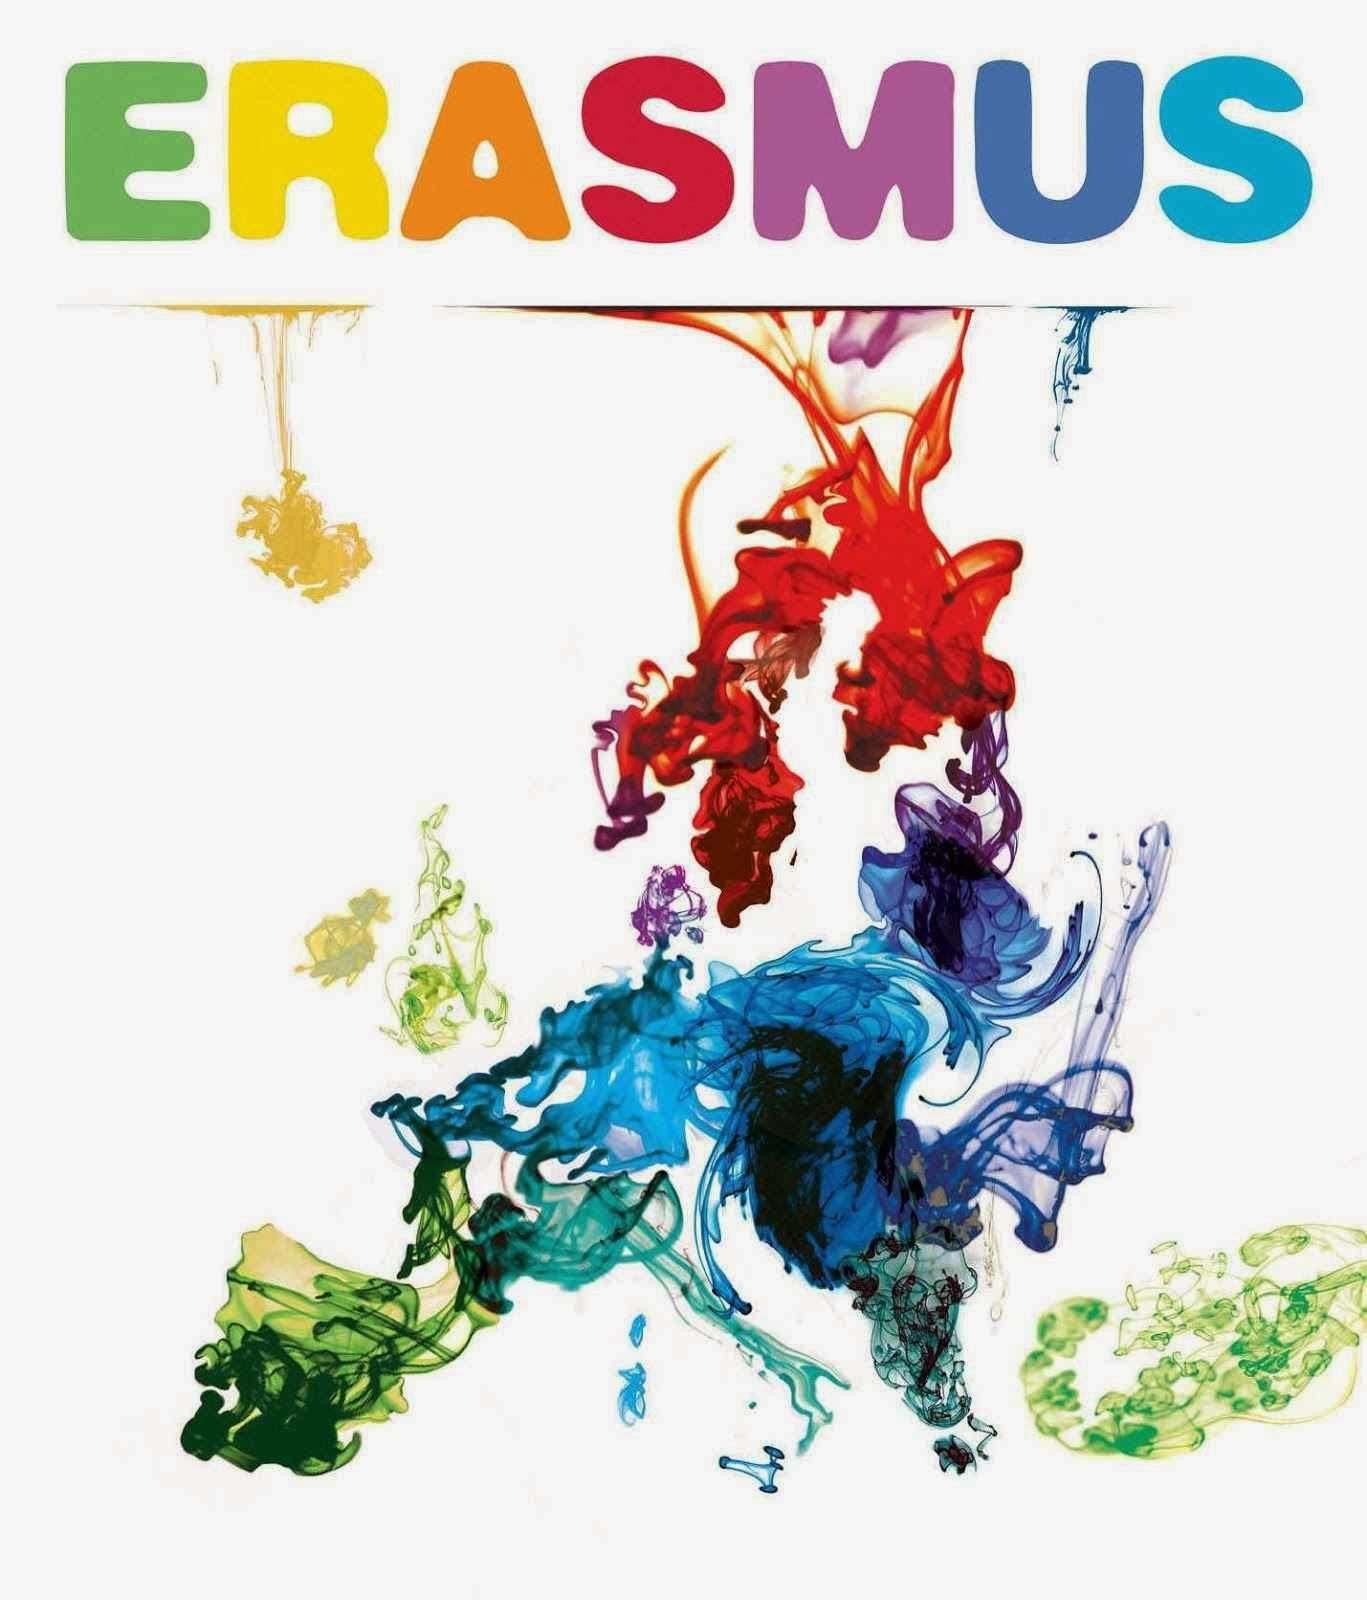 Prácticas Erasmus: Todo lo que debes tener en cuenta